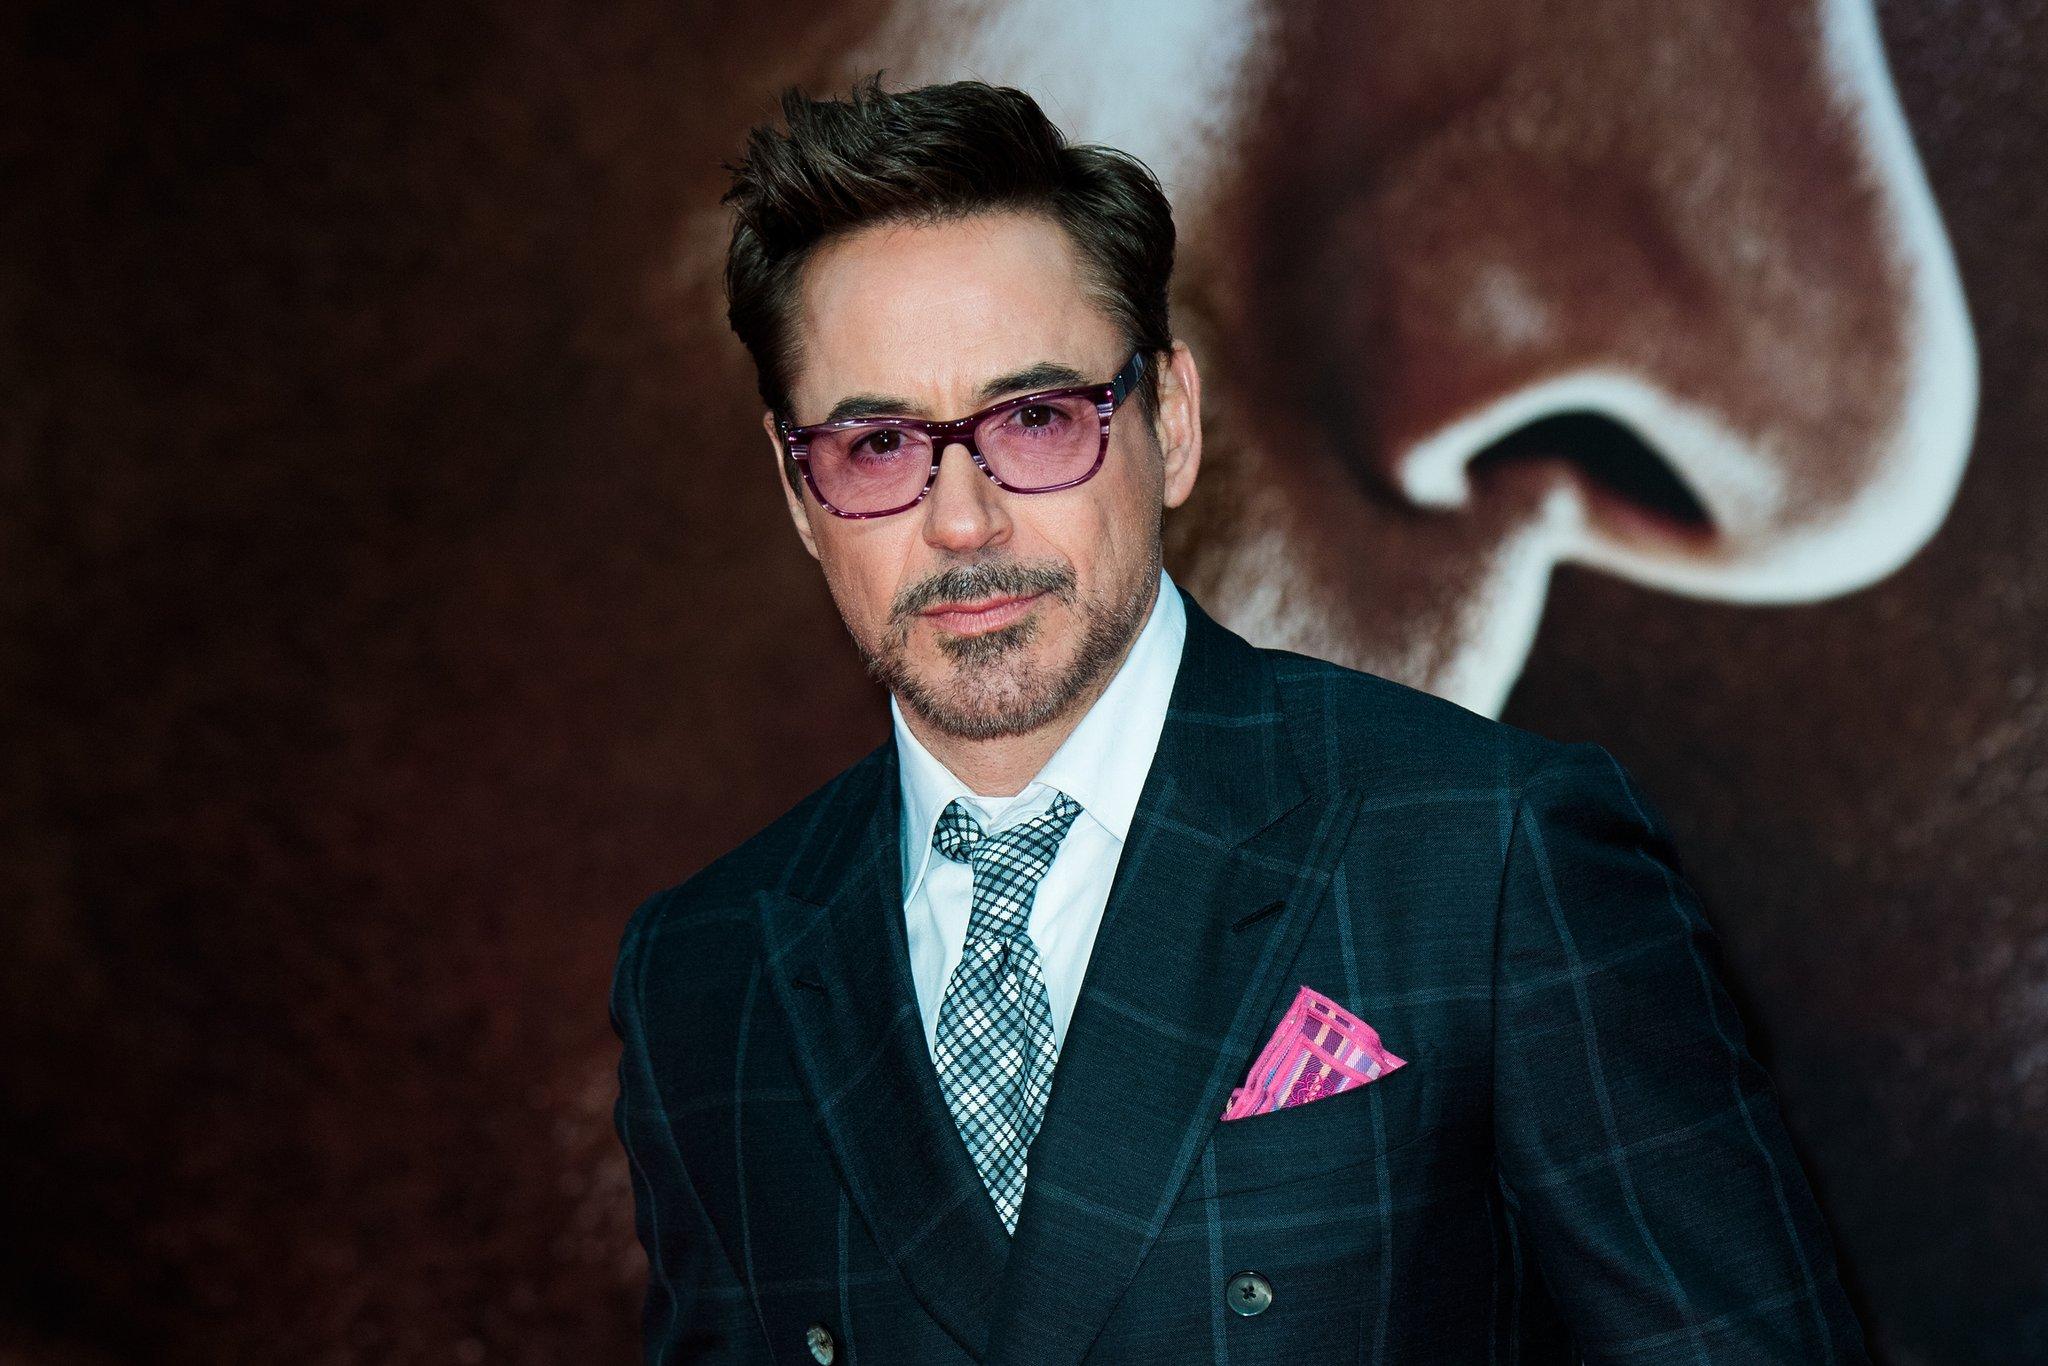 Robert Downey Jr trará o Homem de ferro ao longa